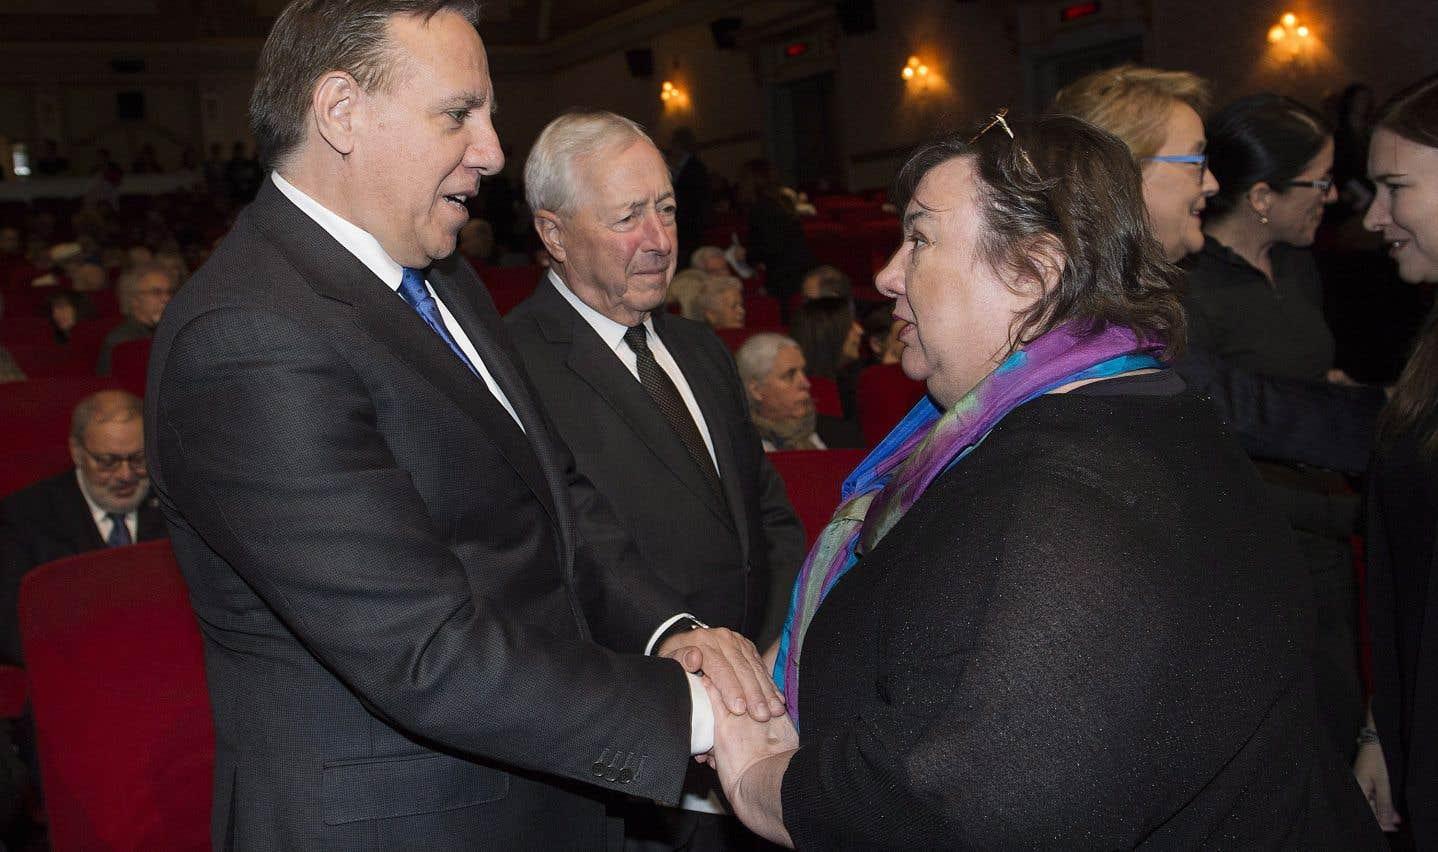 Samedi après-midi, une cérémonie athée, selon le souhait de Mme Payette, était organisée par le gouvernement du Québec au cinéma Impérial. Le premier ministre François Legault était présent.